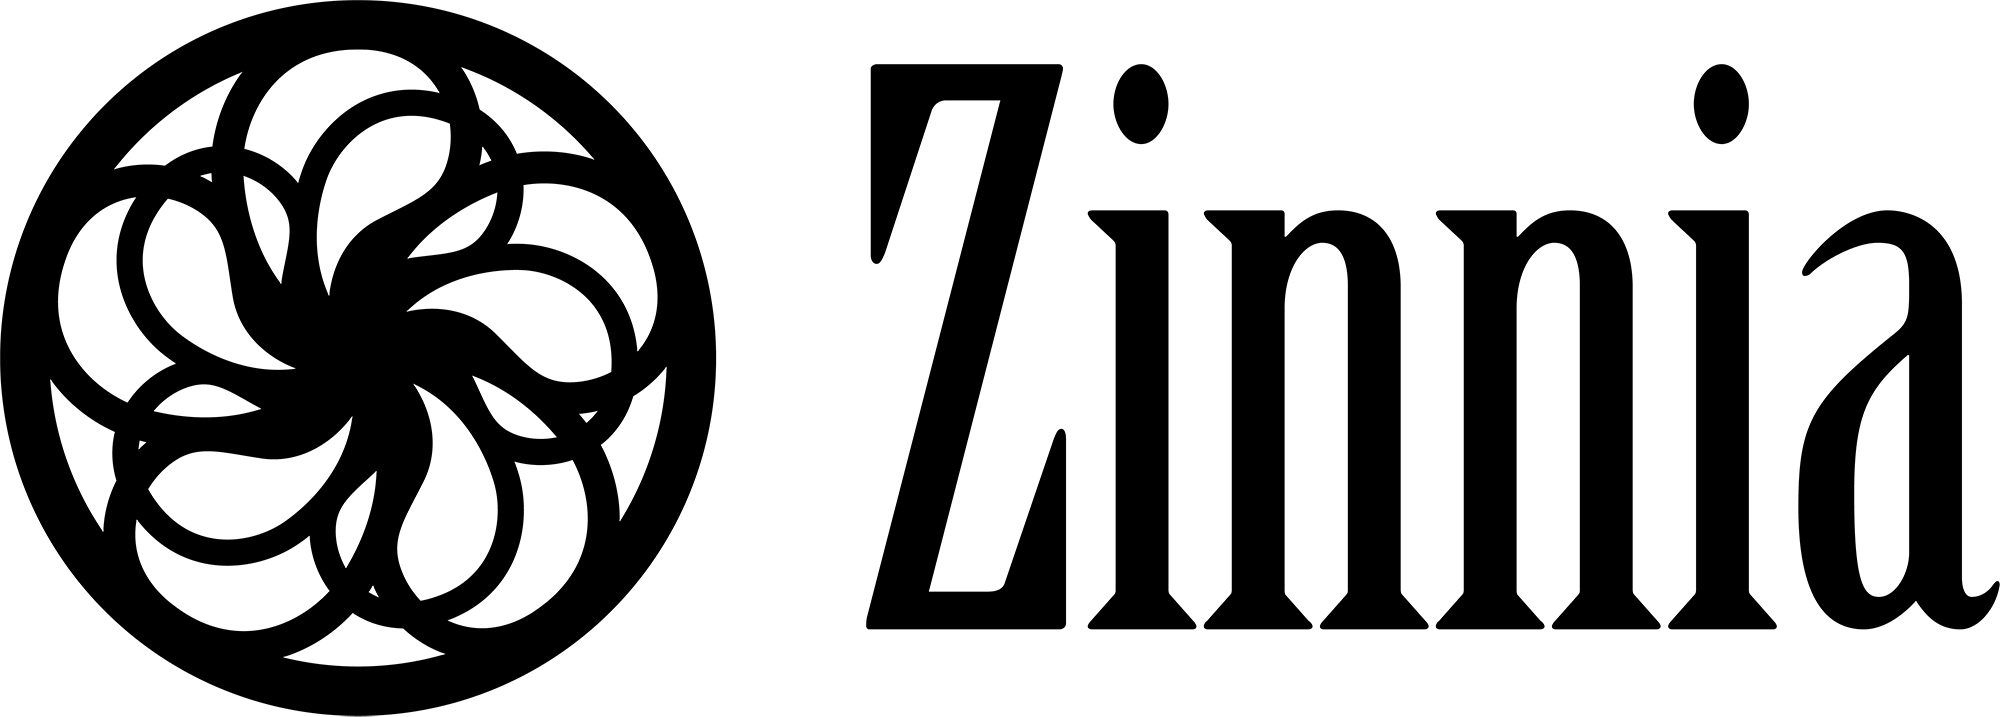 zinnna